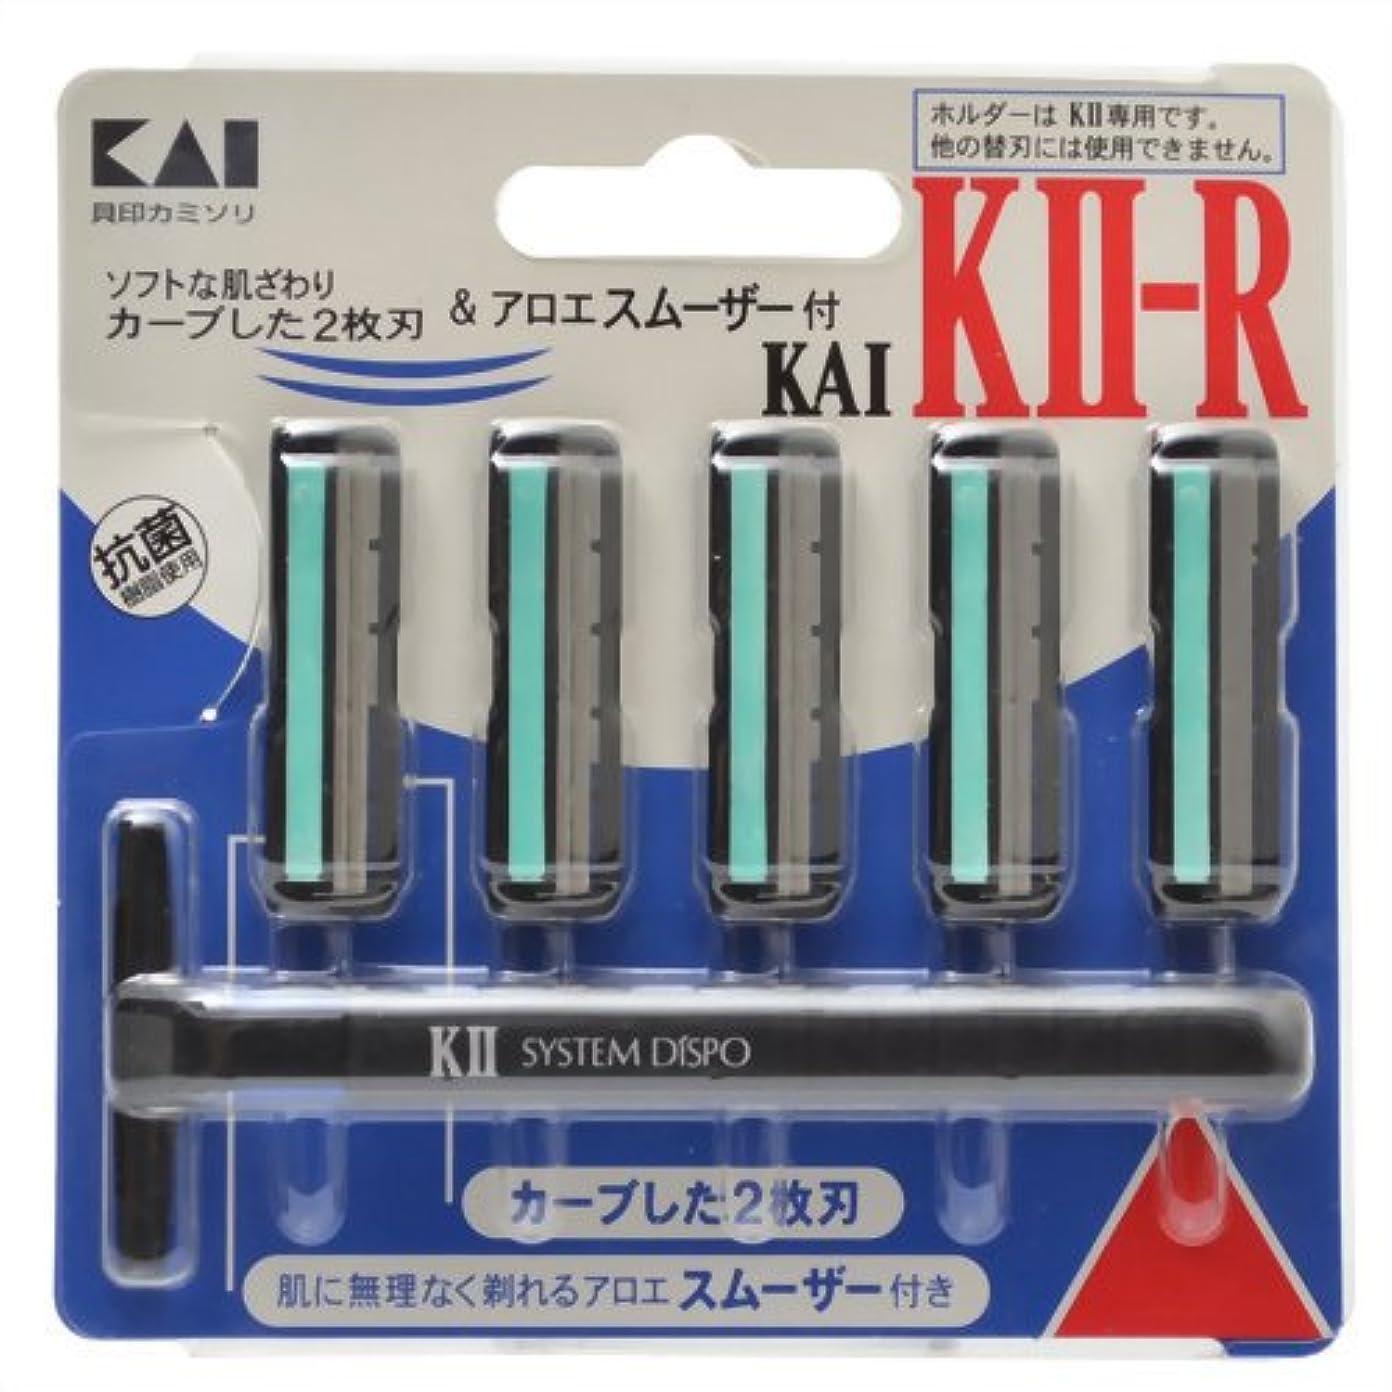 断片下着フラスコ貝印 KAI KII-R ひげそり用カミソリ アロエスムーザー付